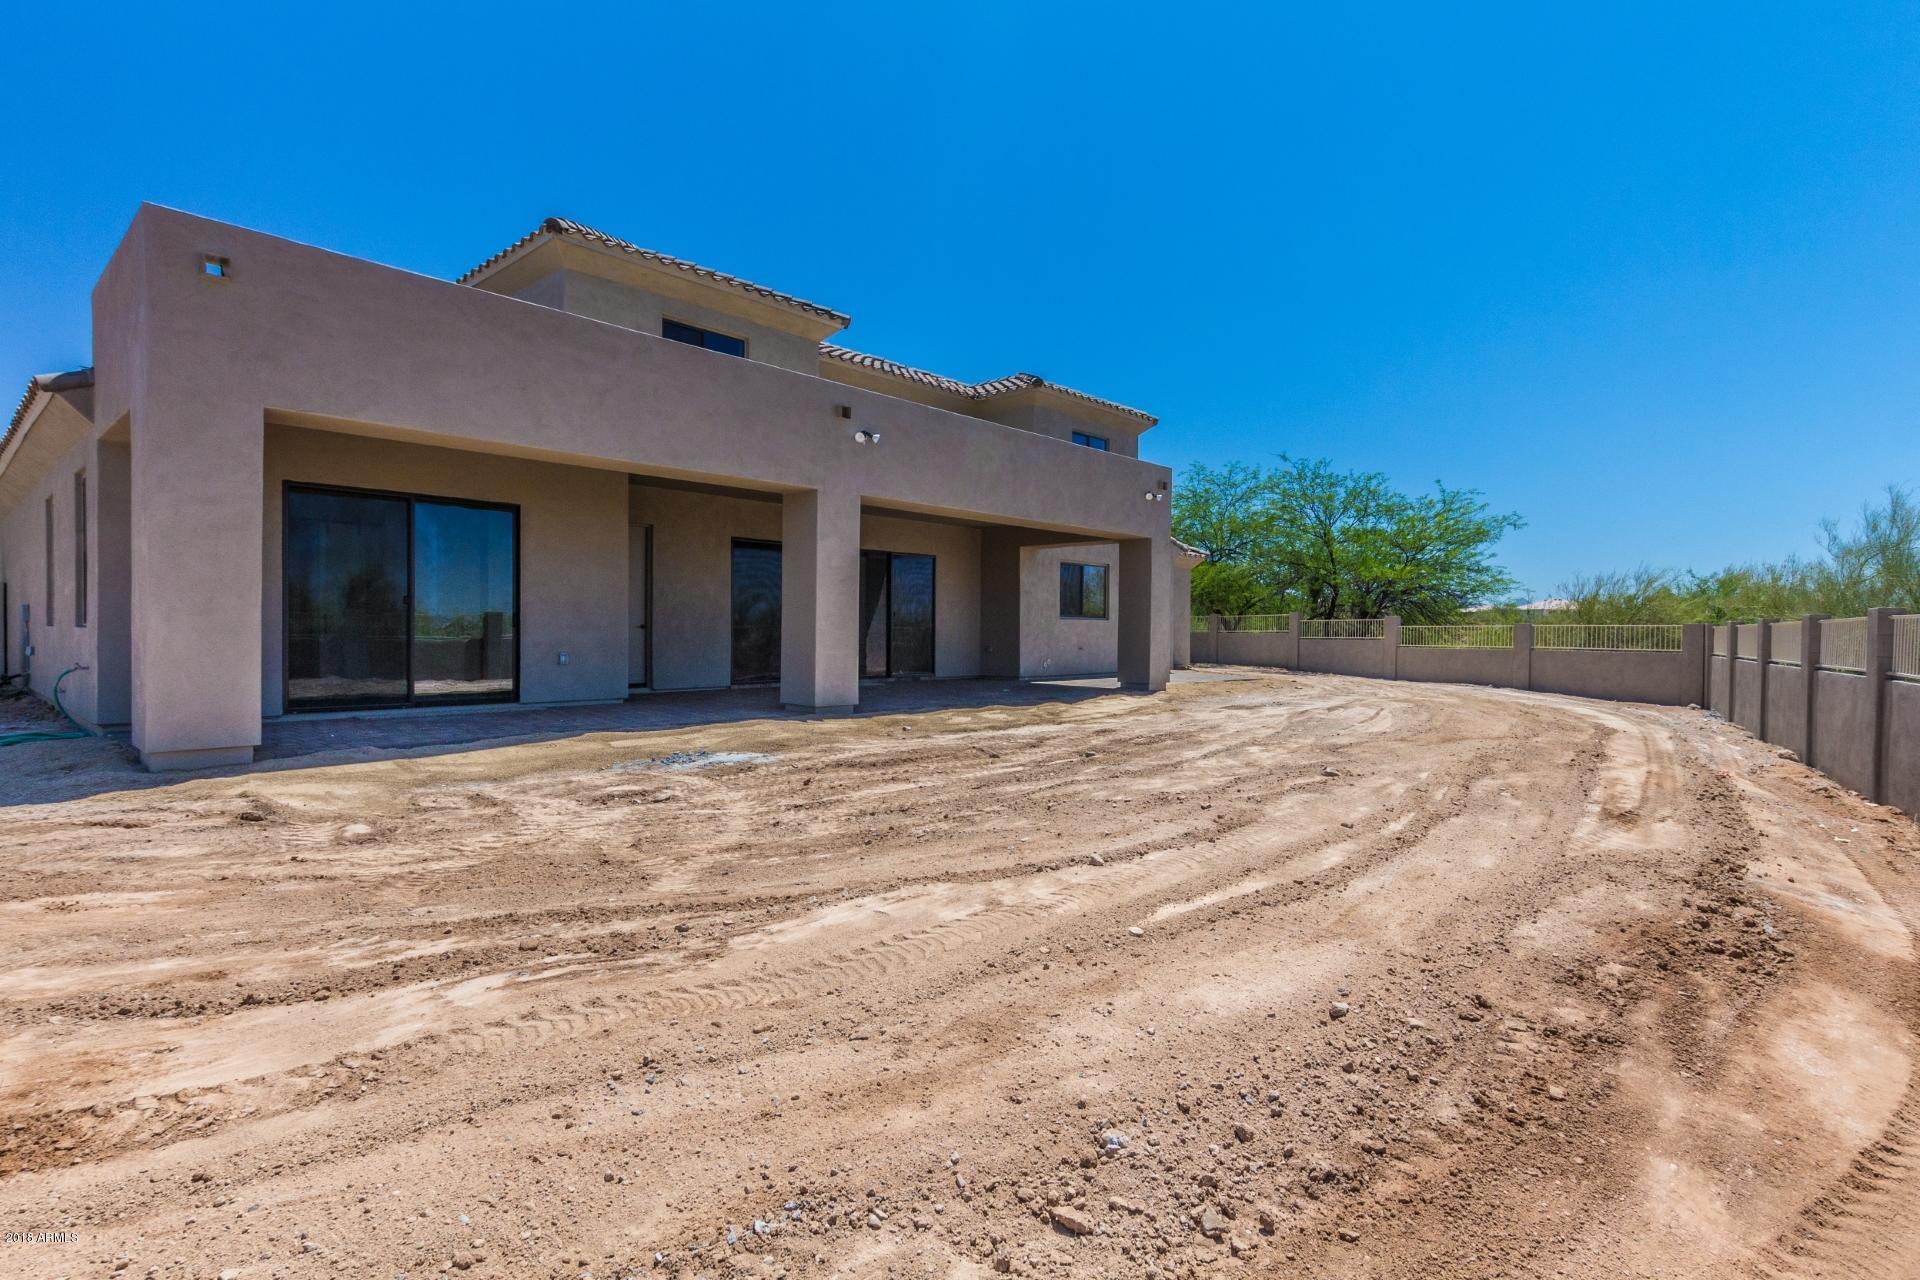 MLS 5785450 27828 N STACY LYNN Lane, Cave Creek, AZ 85331 Cave Creek AZ Diamond Creek